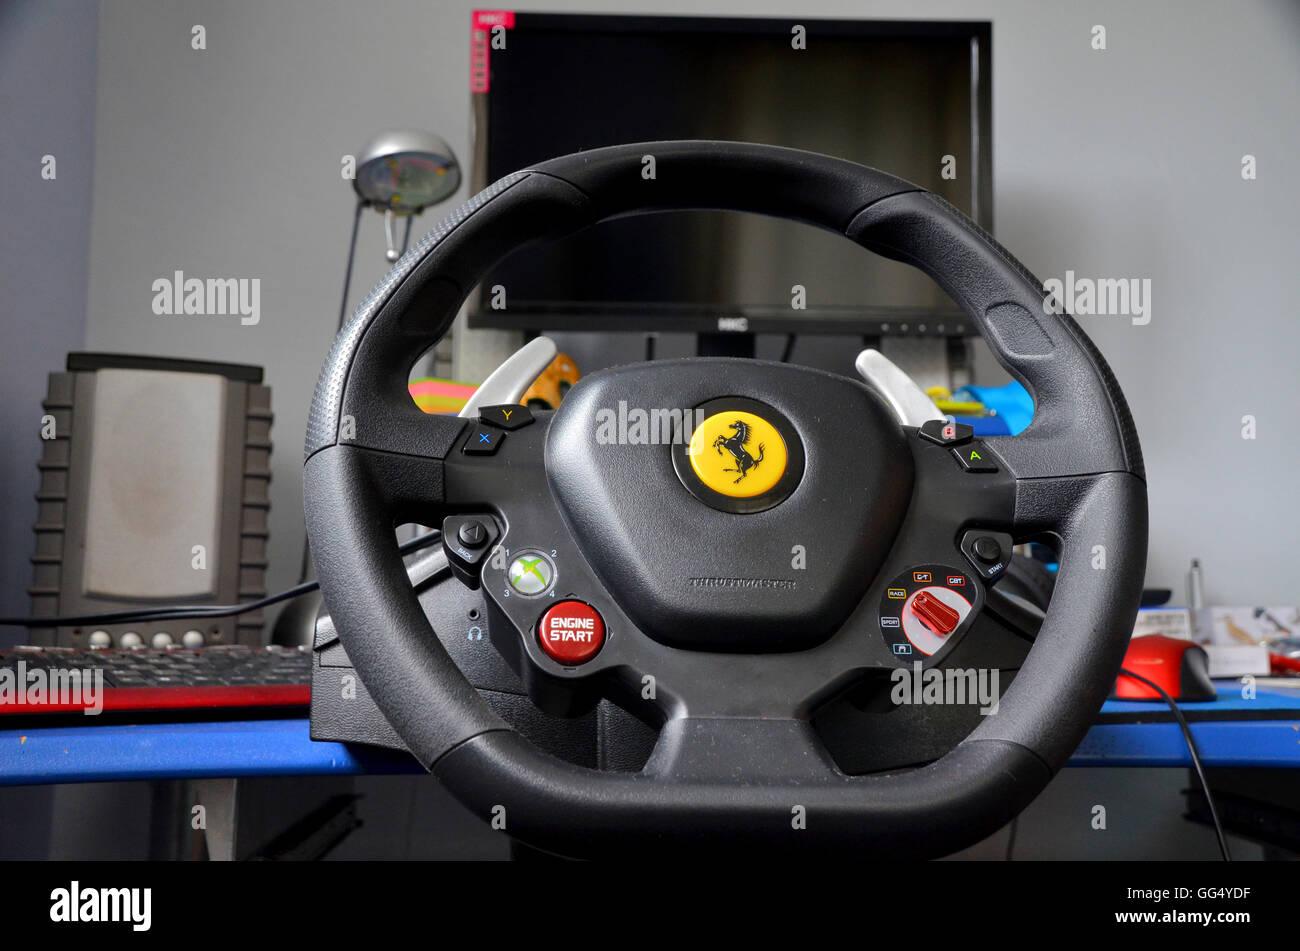 Plate-forme de jeu d'ordinateur - comprend le volant monté sur le bureau. surveiller et haut-parleurs. Photo Stock